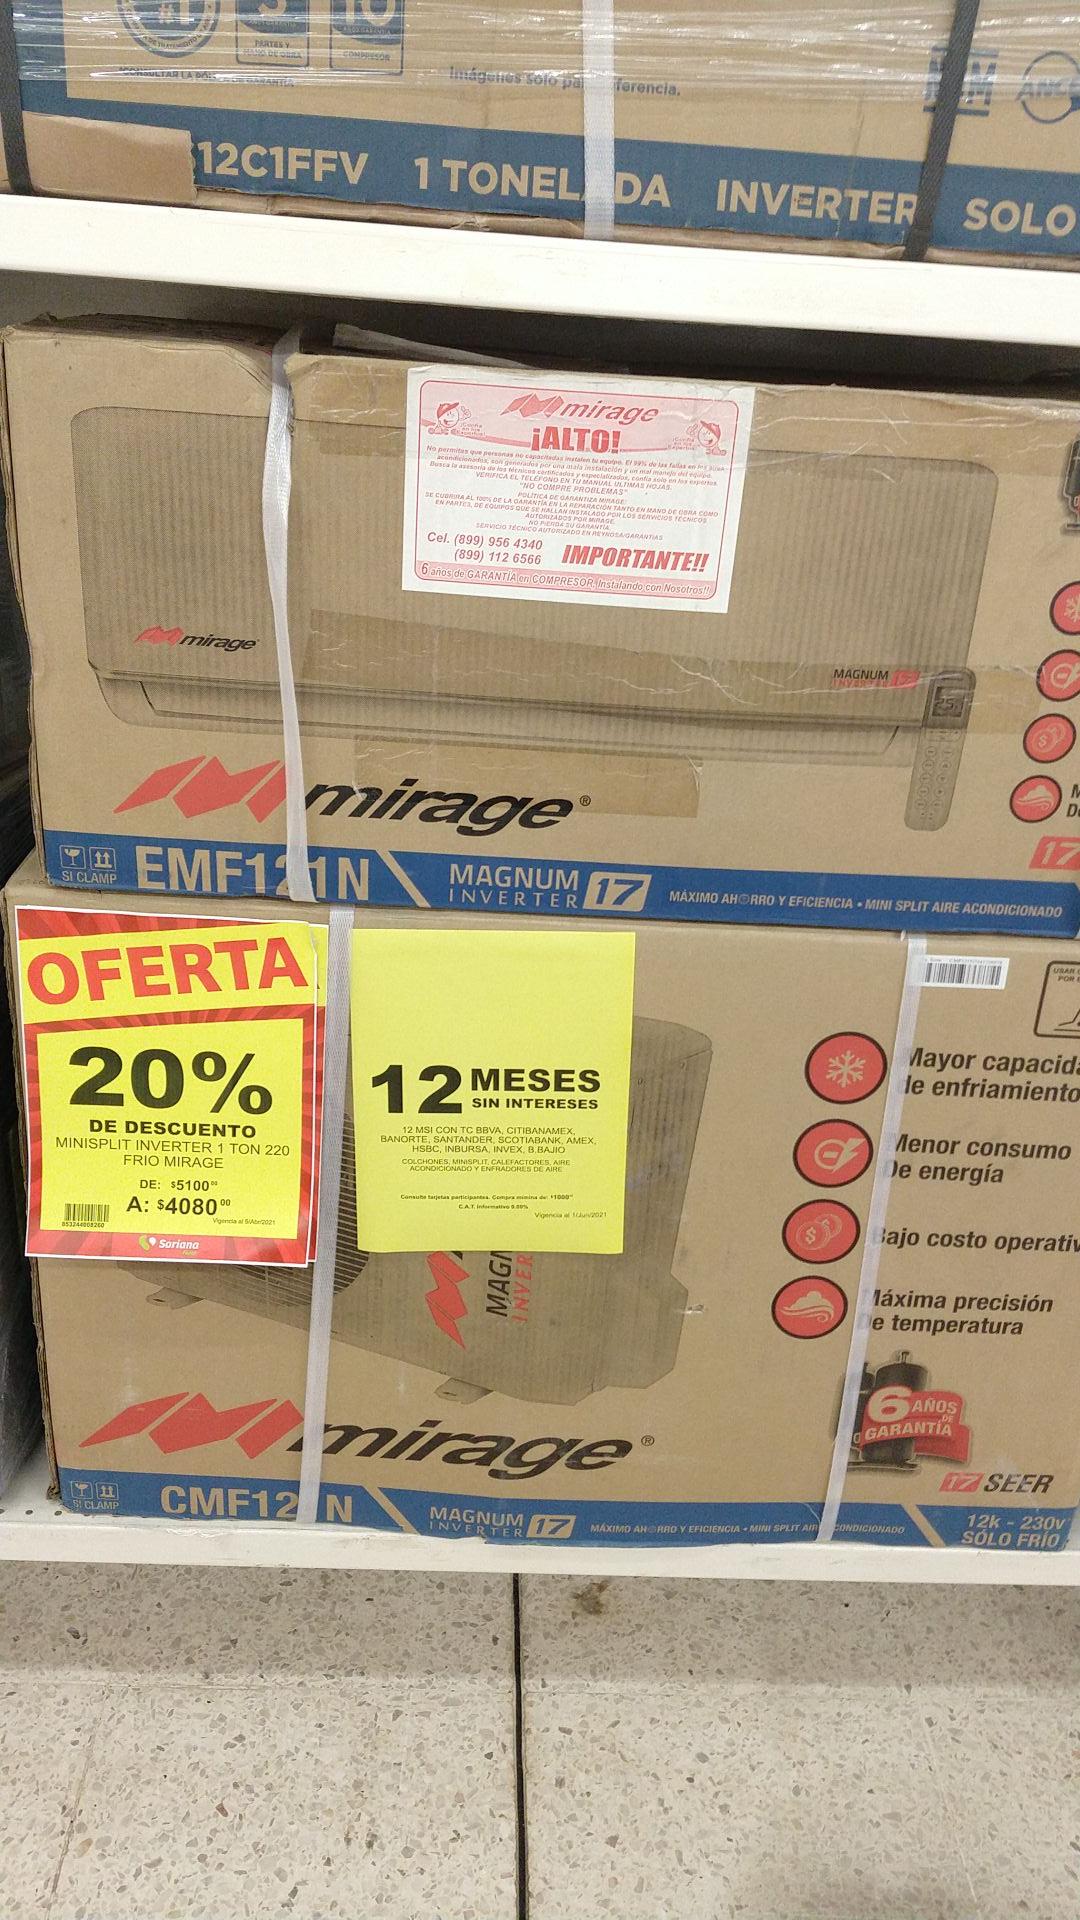 Soriana hiper: minisplit inverter Mirage Magnum 17 220v solo frío